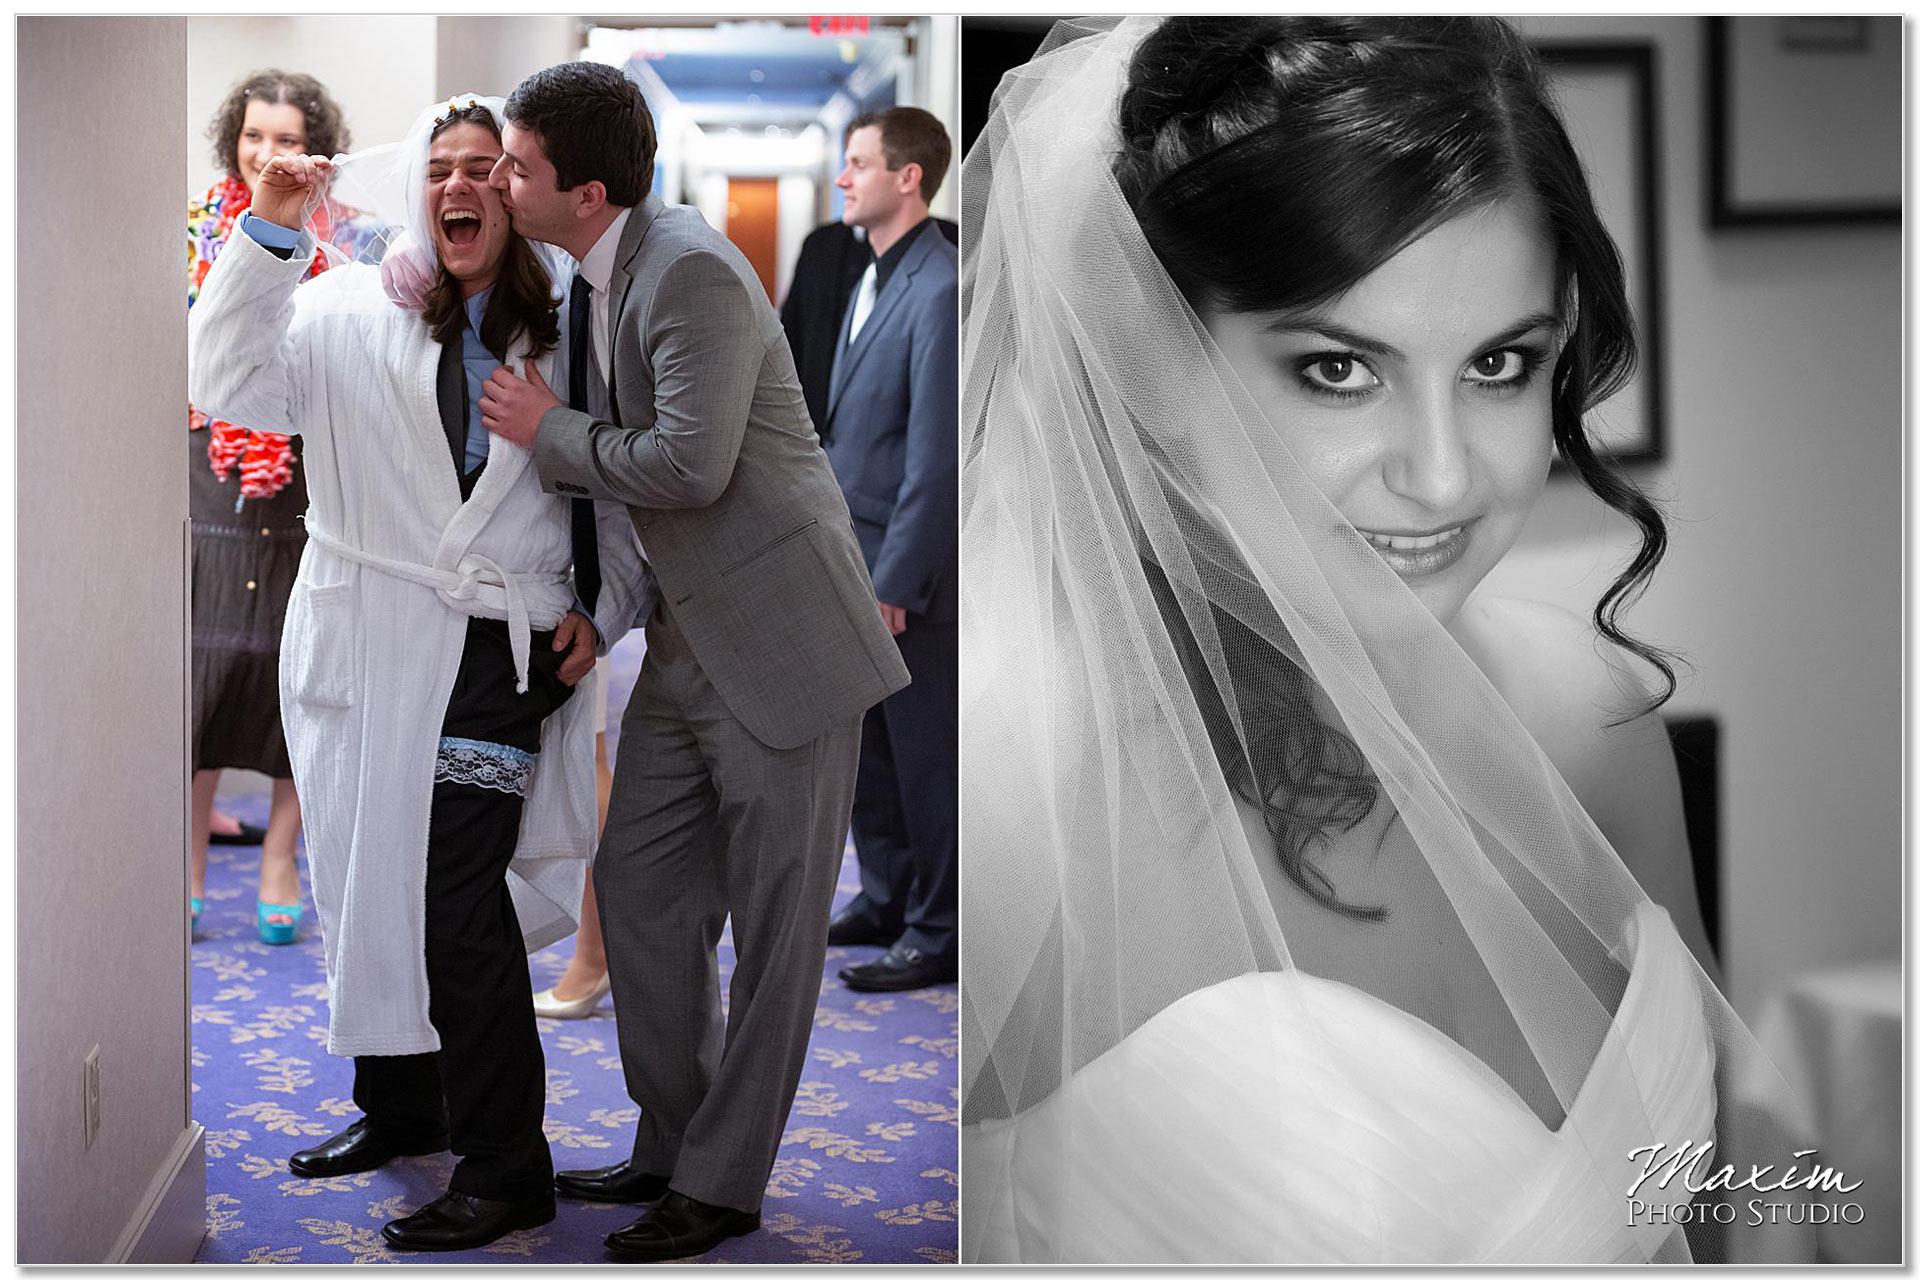 Cincinnatian Hotel bride preparations Russian wedding